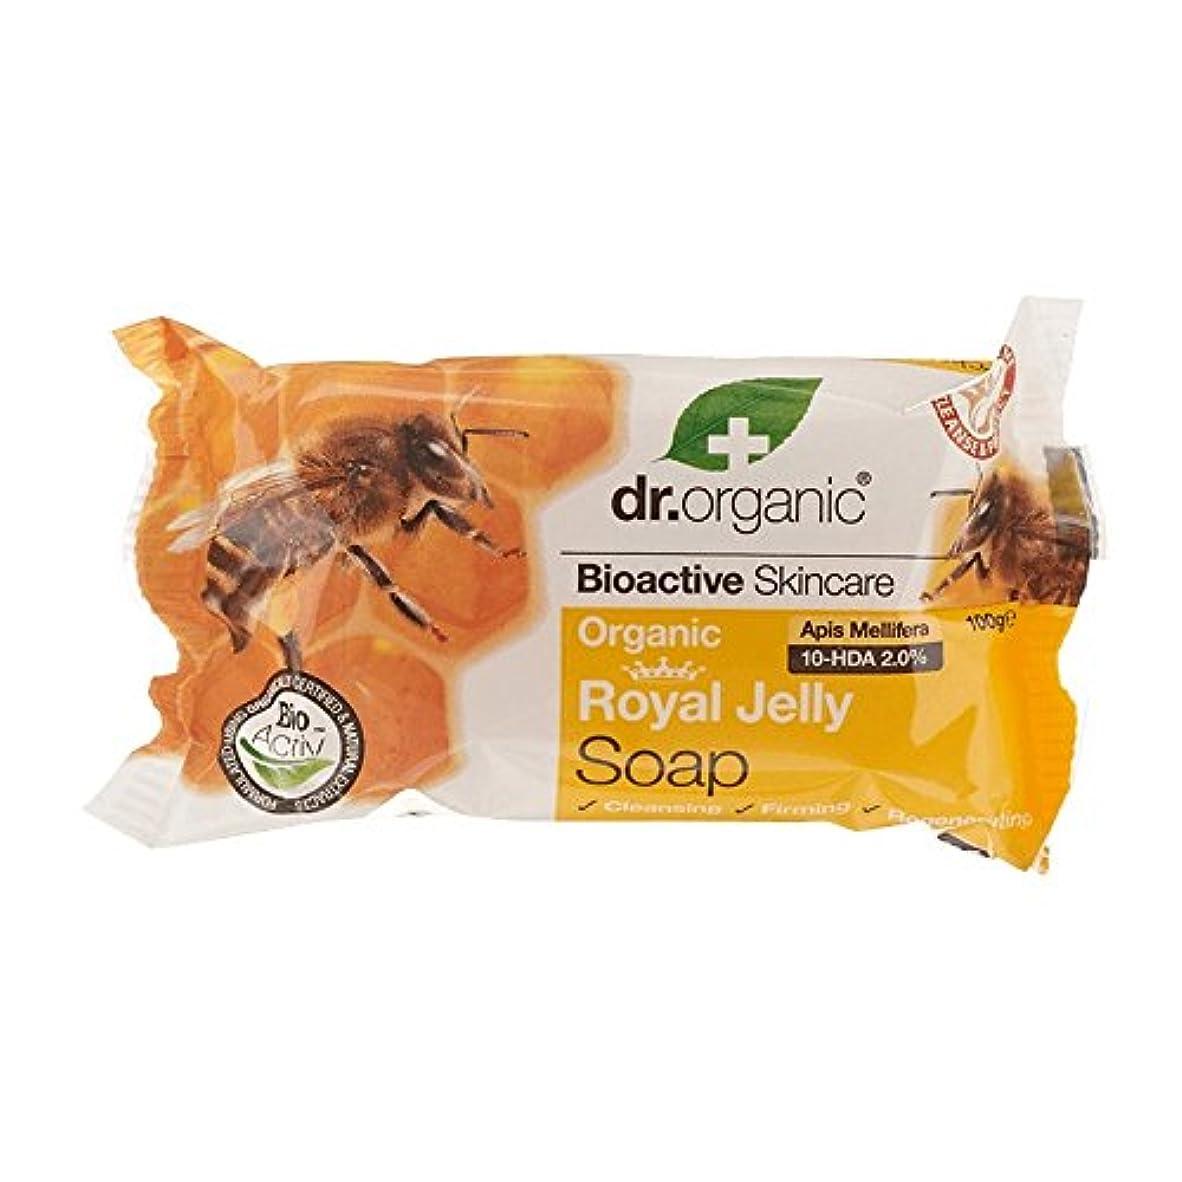 ヘルパー解く整理するDr有機ローヤルゼリーソープ - Dr Organic Royal Jelly Soap (Dr Organic) [並行輸入品]